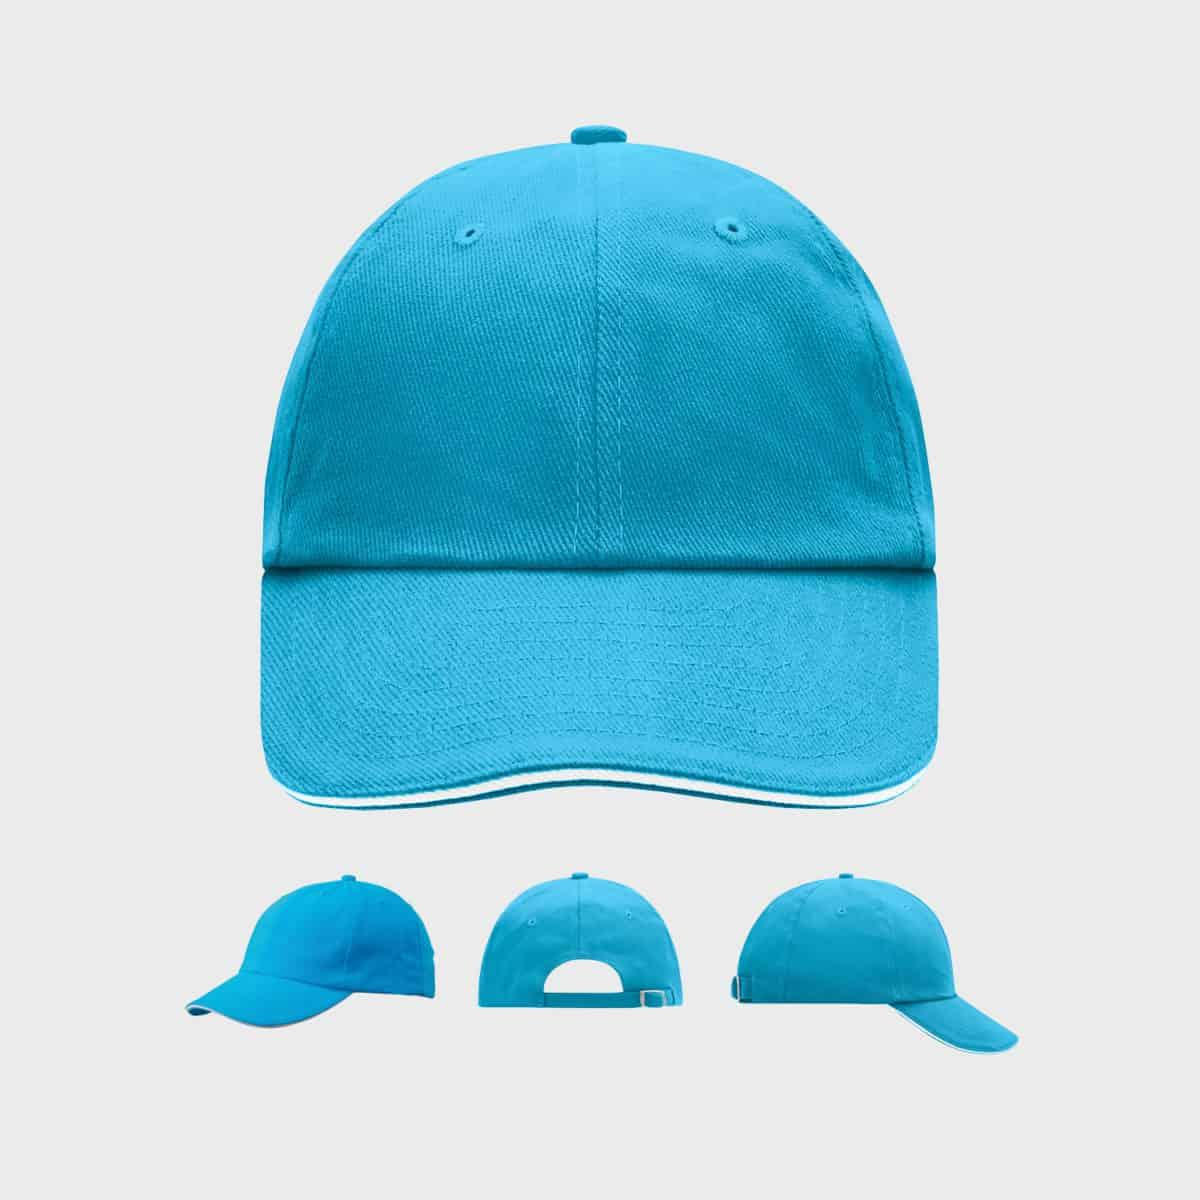 sandwich-cap-classic-6-panel-unisex-turquoise-white-kaufen-besticken_stickmanufaktur